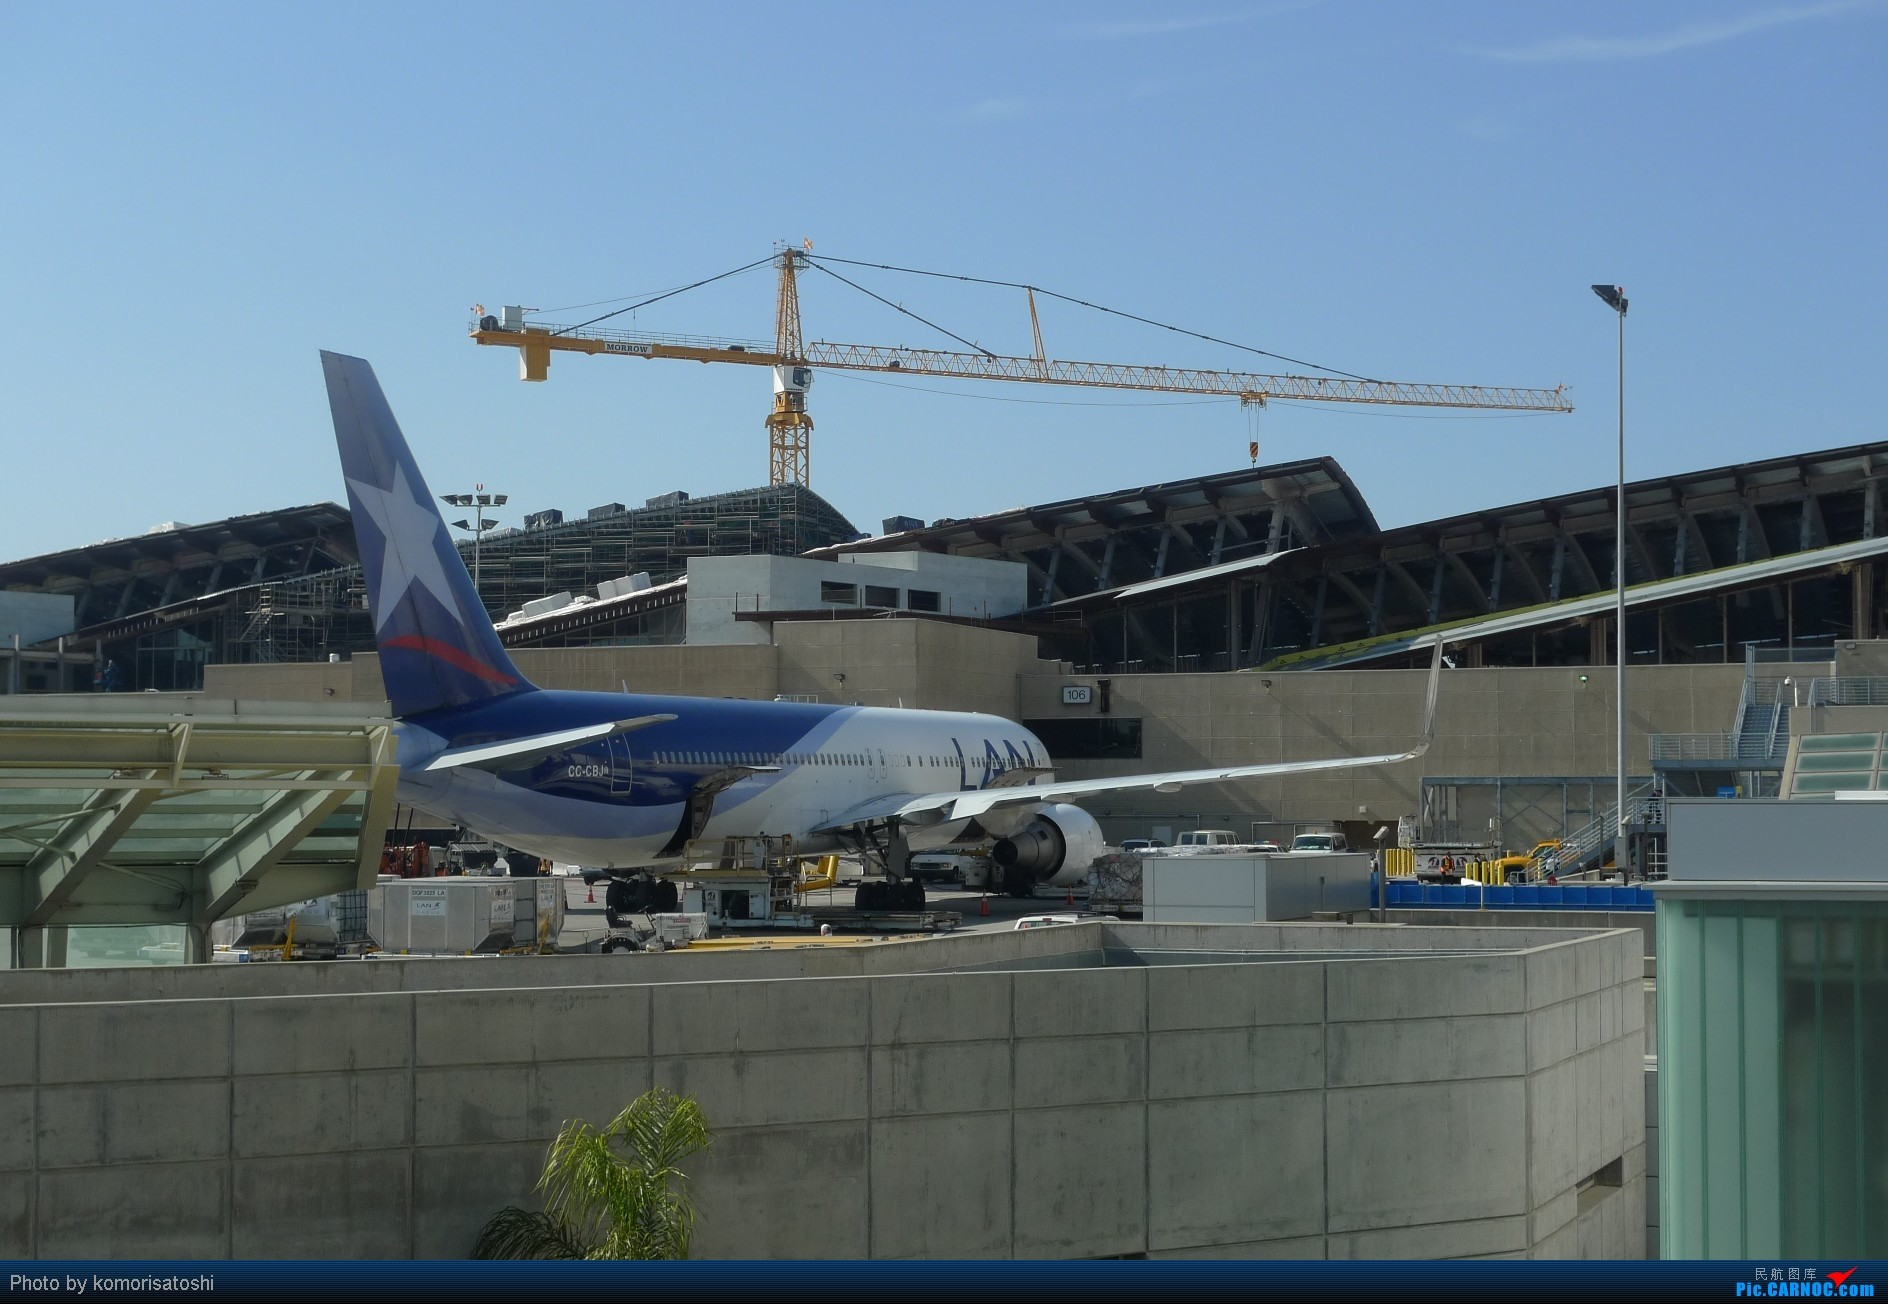 Re:[原创]新手第一帖,LAX随拍+AA183,767小翼好漂亮、、、、、 BOEING 767-300 CC-CBJ